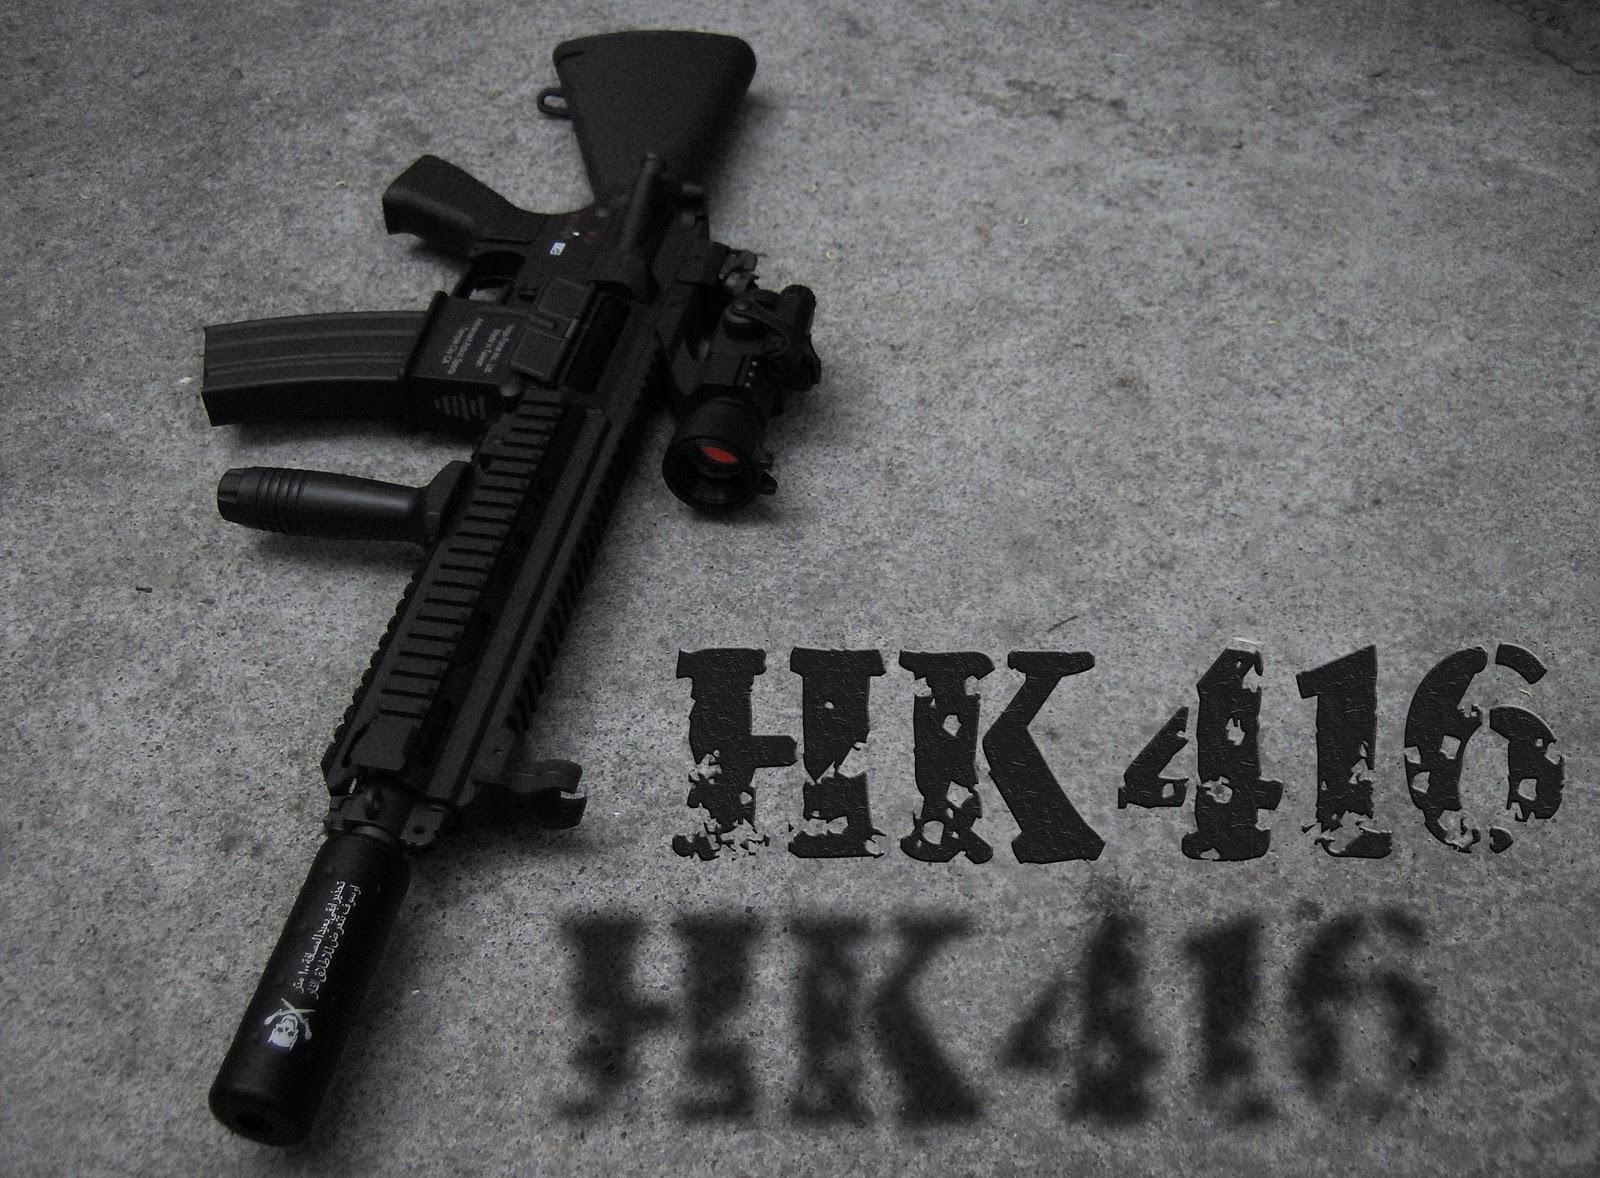 D'Krintanx=: HK416 modular assault rifle / carbine / upper